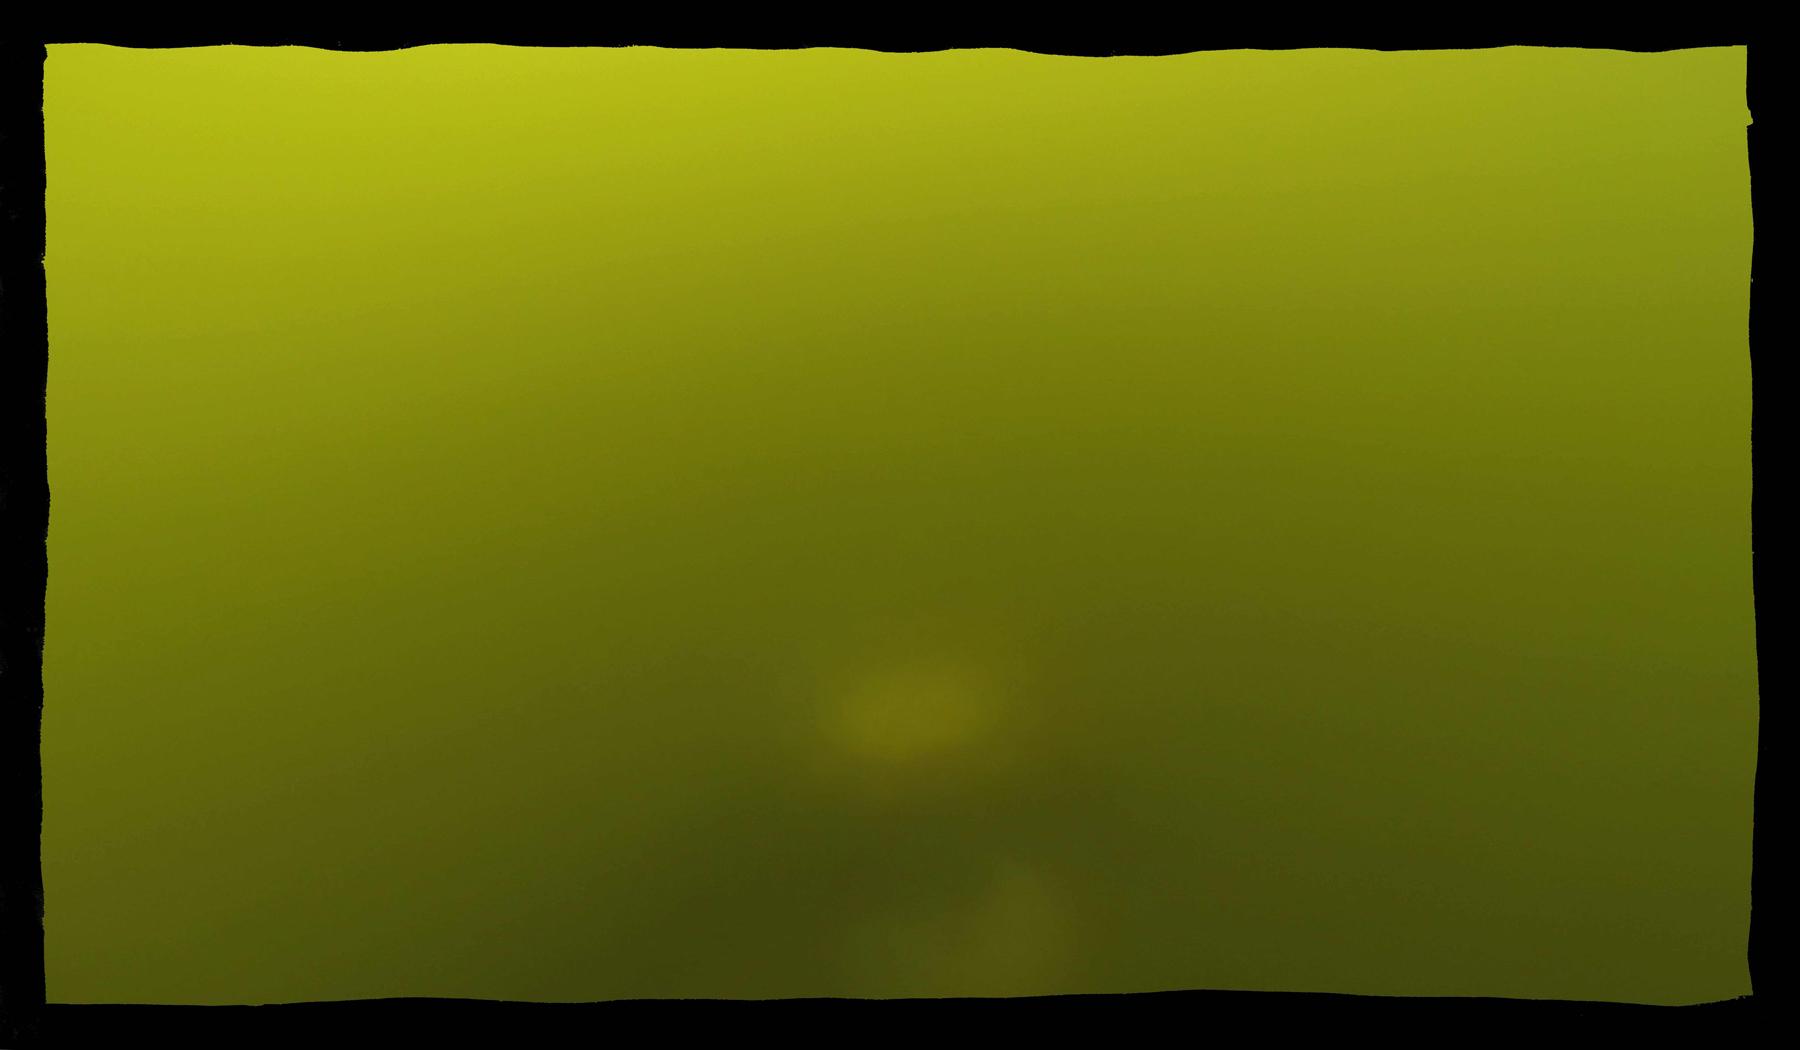 Klara Hobza   78, 42km, 2015 digital print 35 x 60 cm